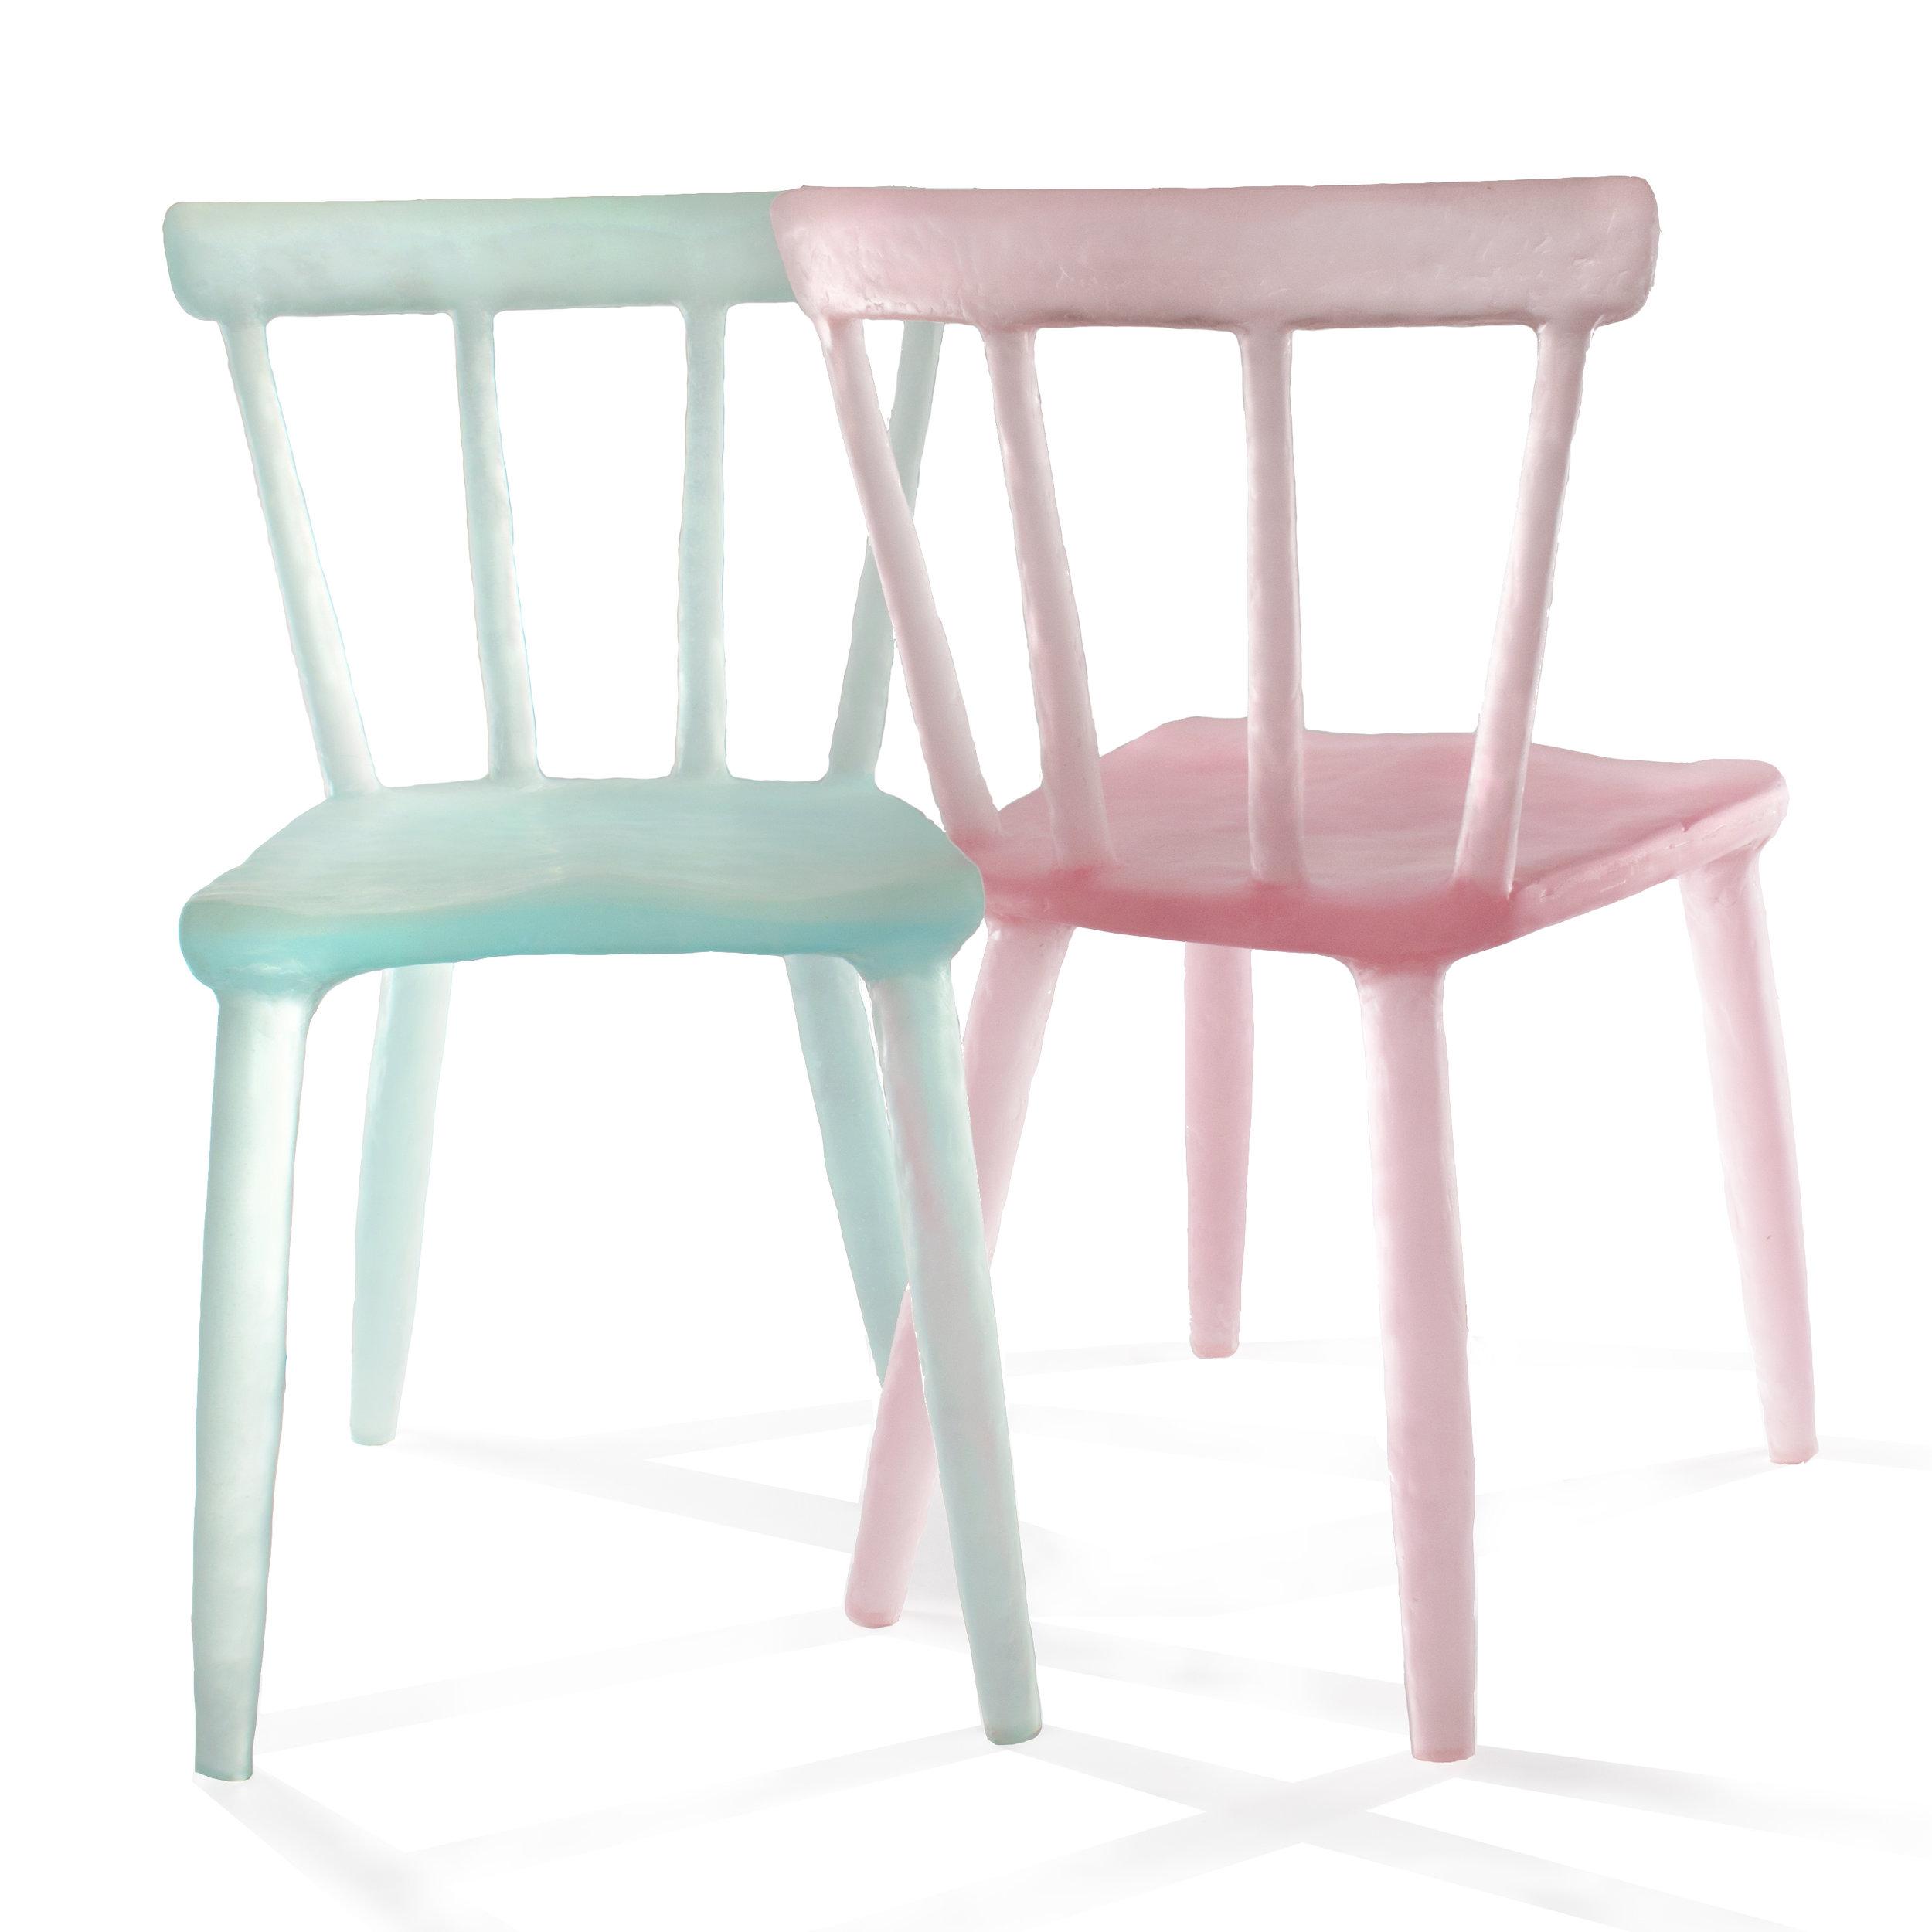 kim markel glow chairs